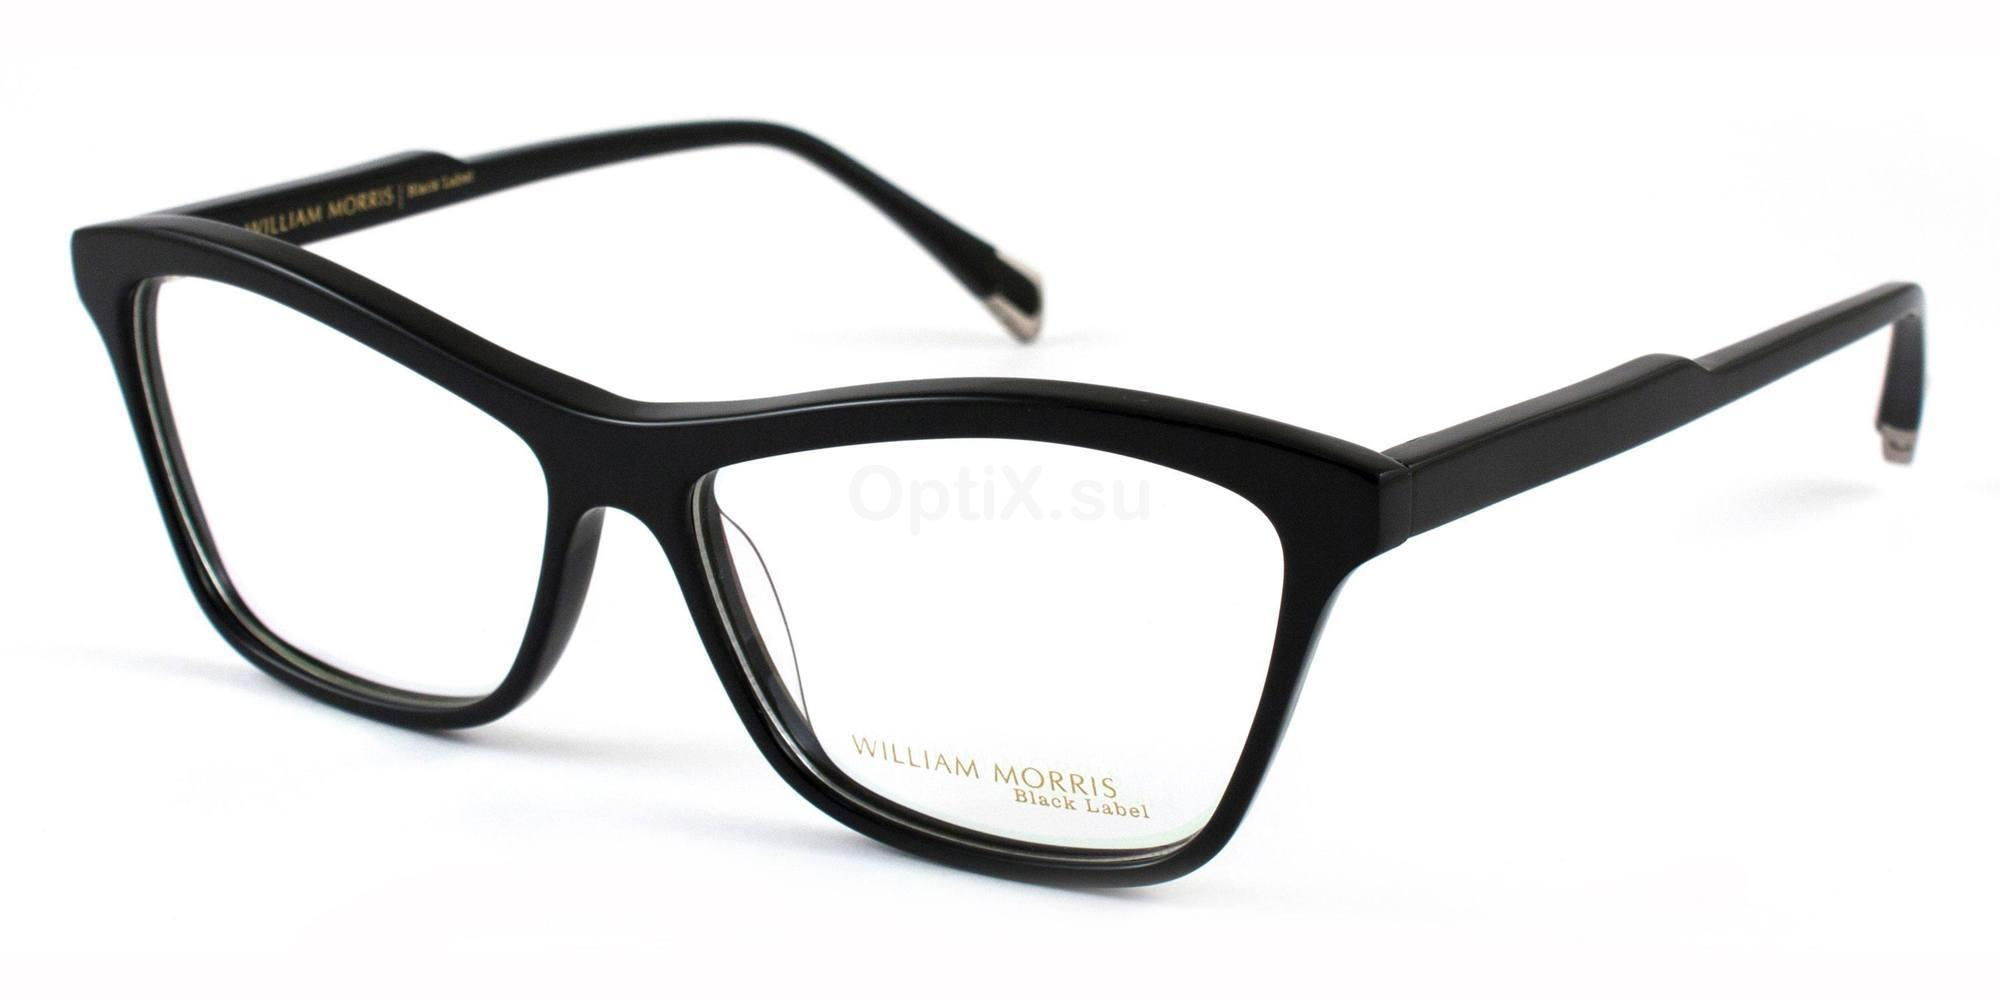 C1 BL35 , William Morris Black Label